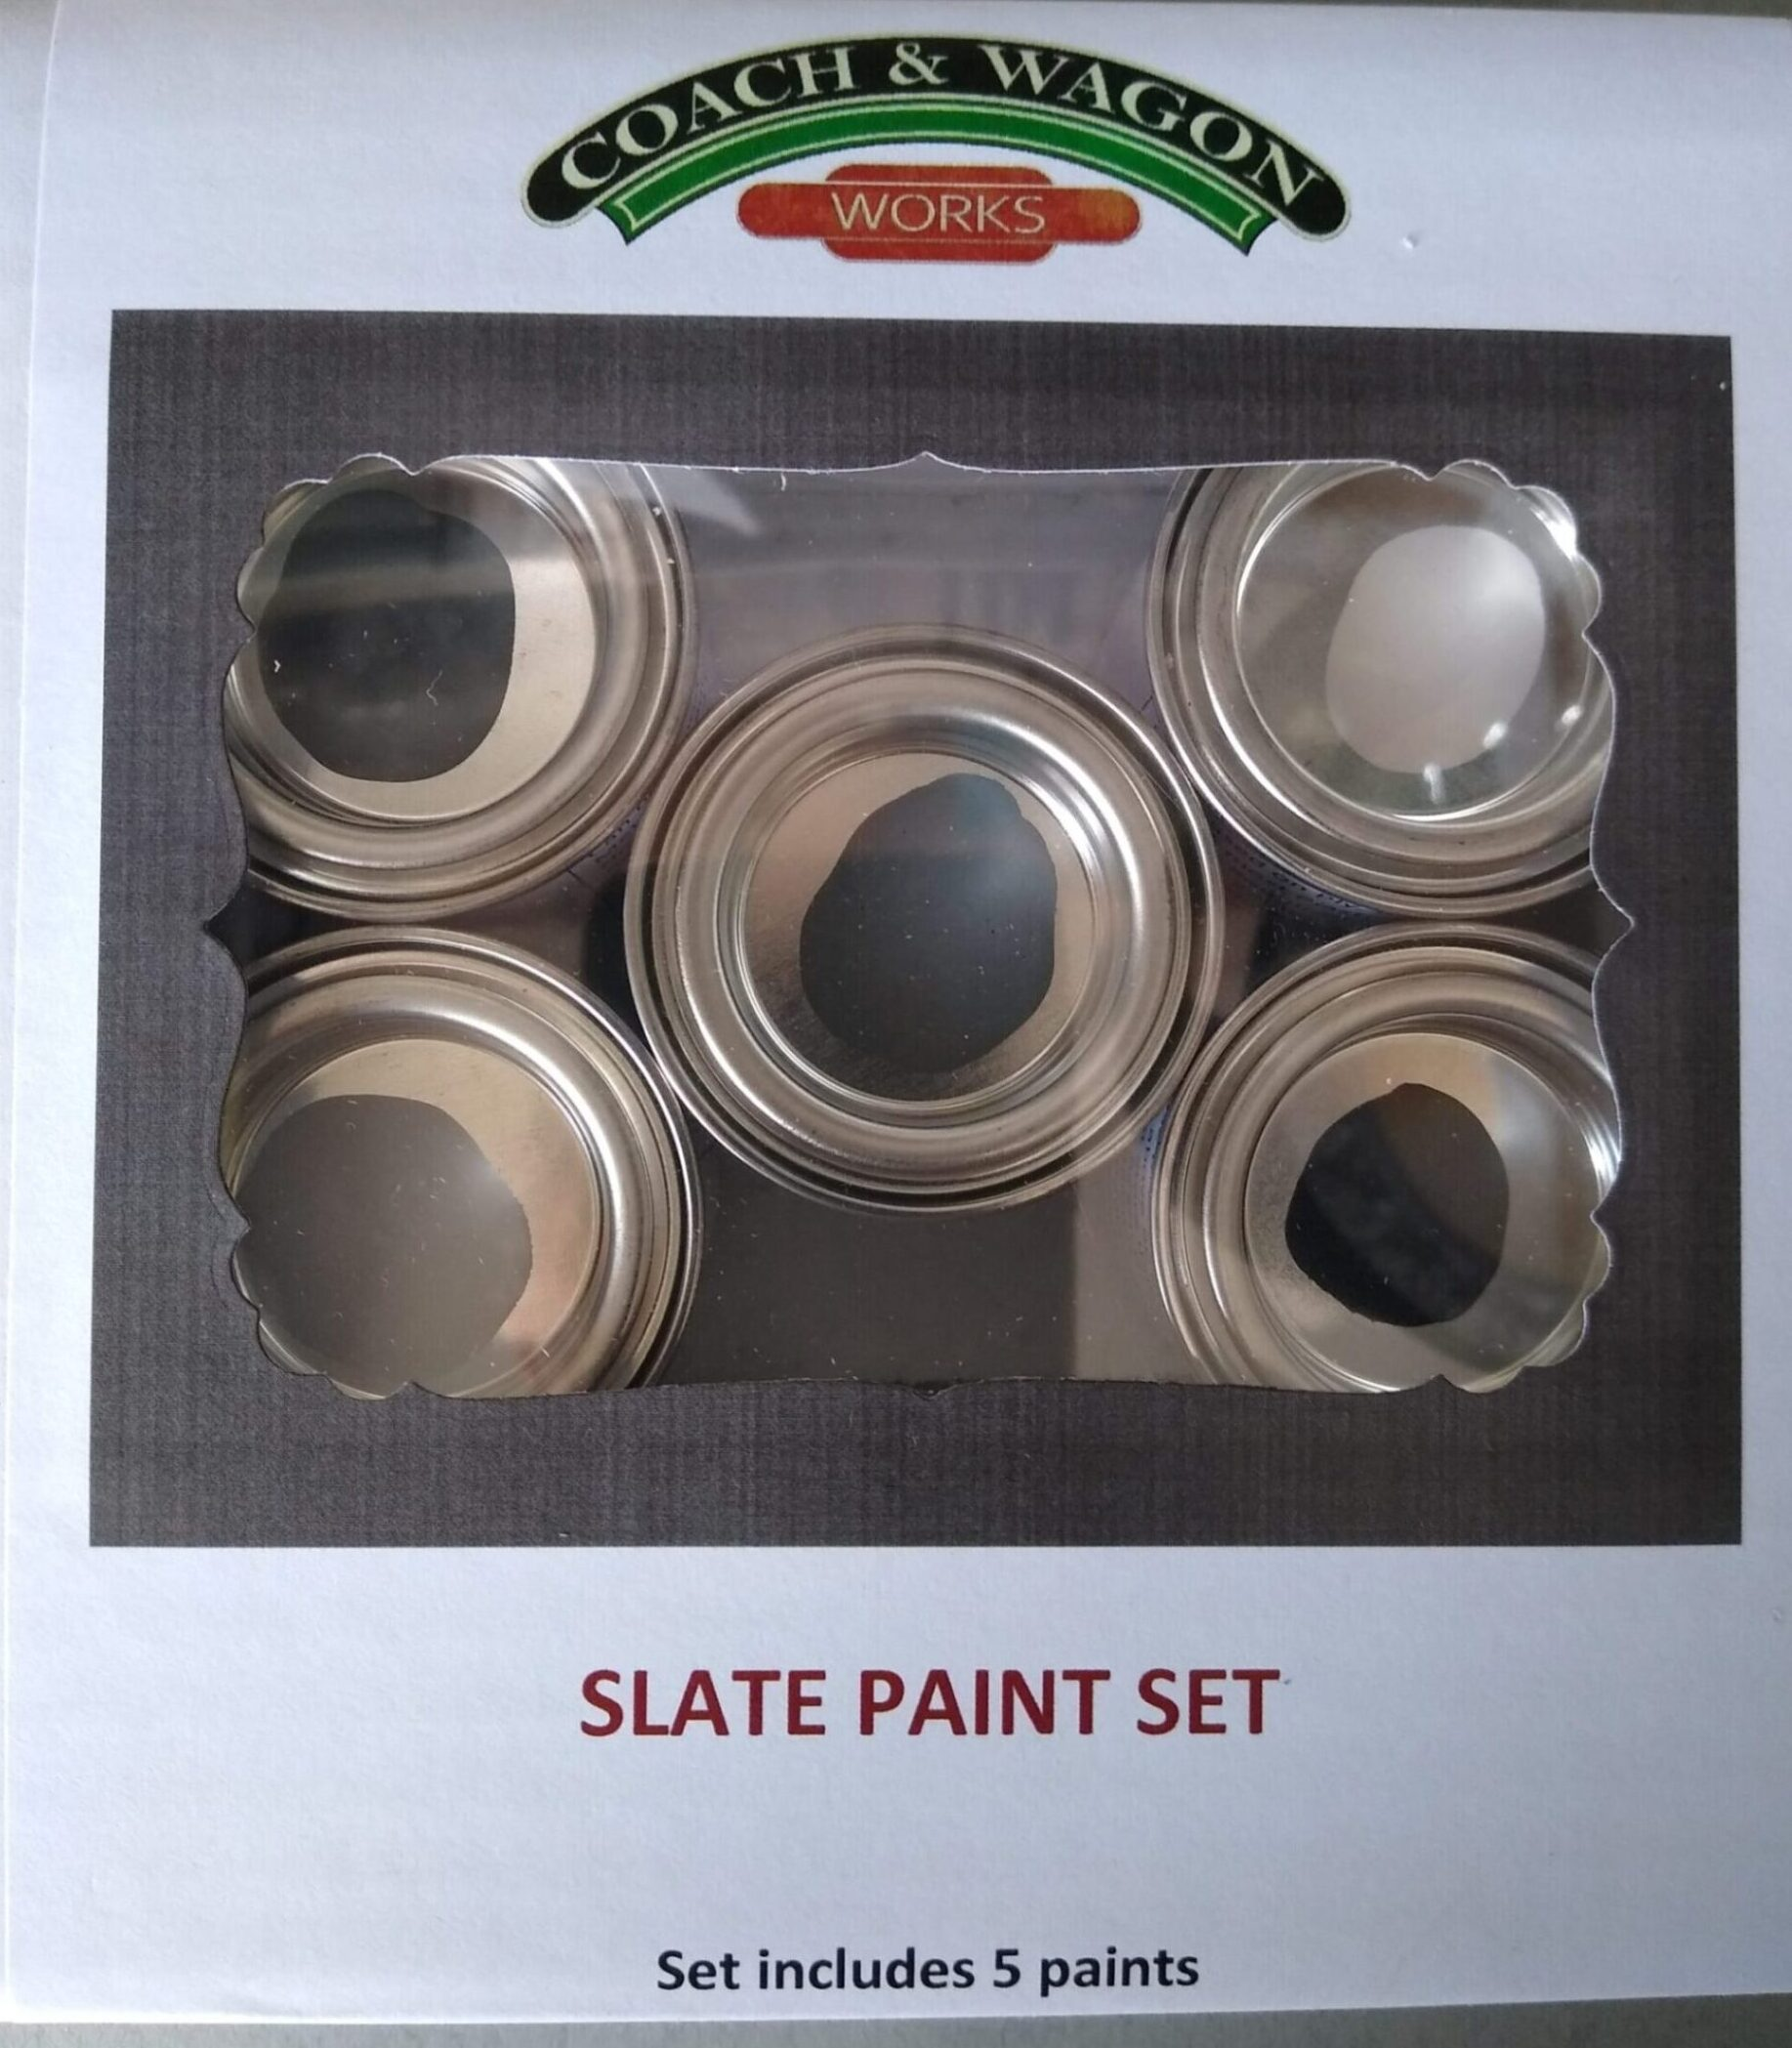 Builders Yard paint Box Slate paint set